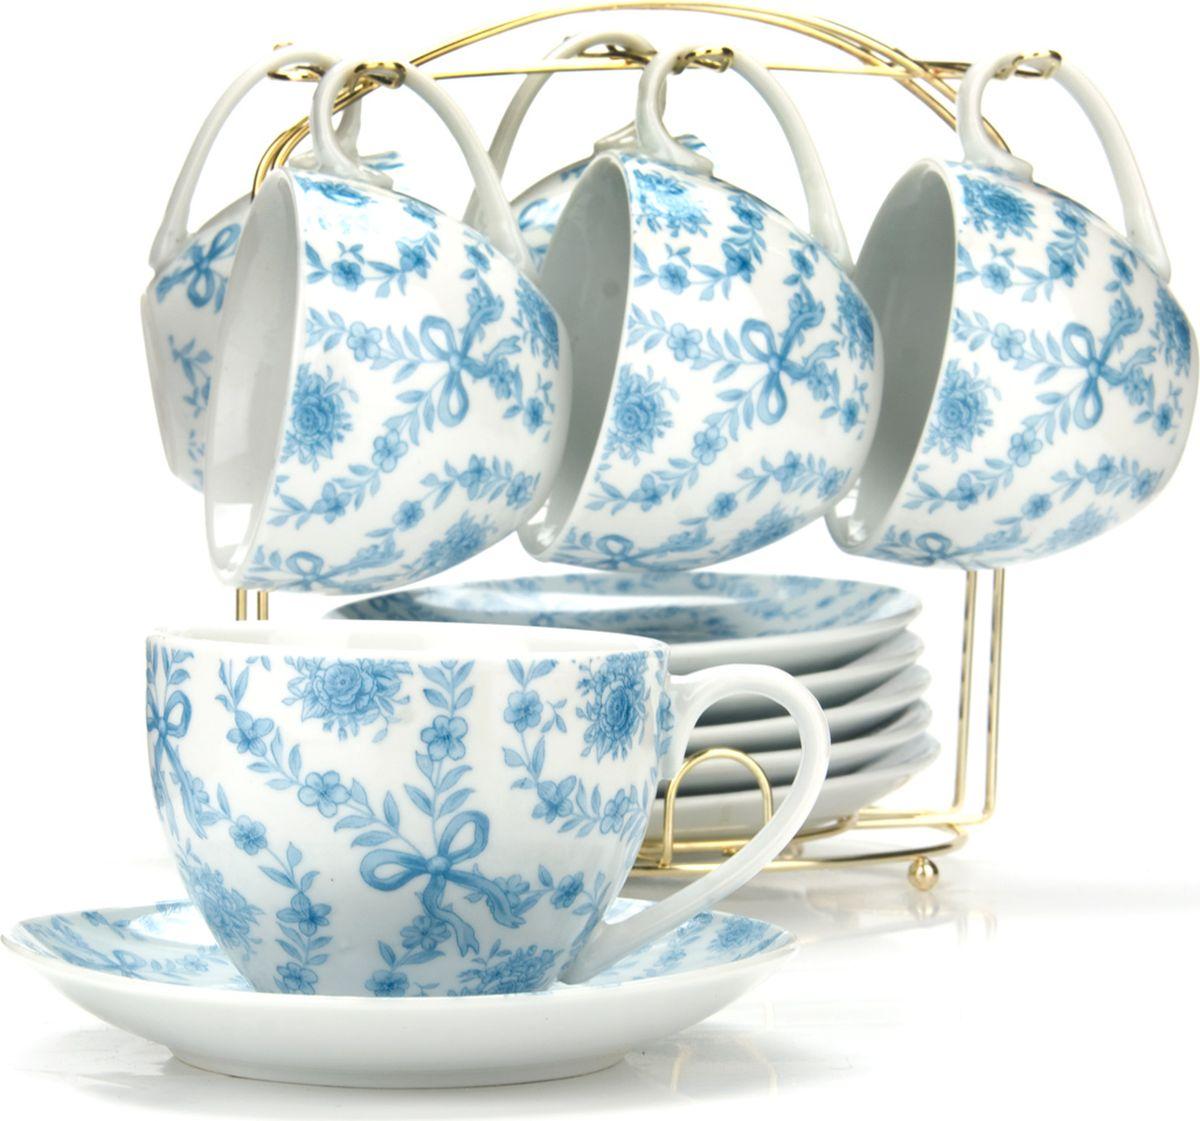 Сервиз чайный Loraine, на подставке, 13 предметов. 4328725949